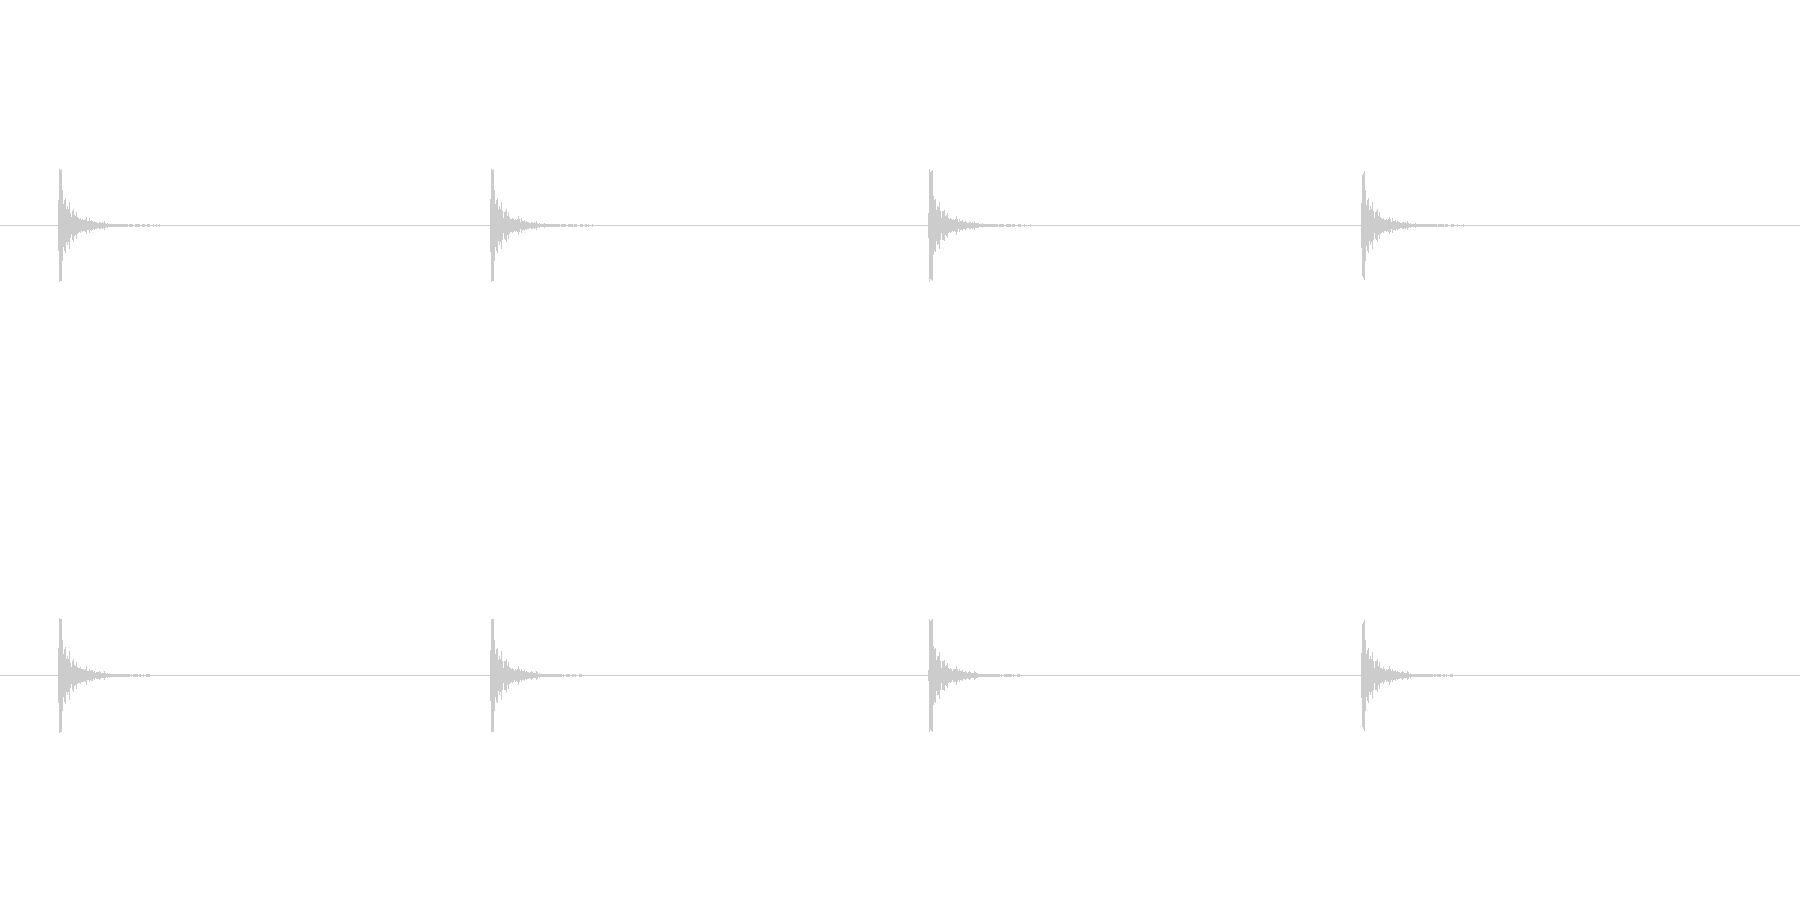 タッタッタッタッ(クイズなど考え中の音)の未再生の波形